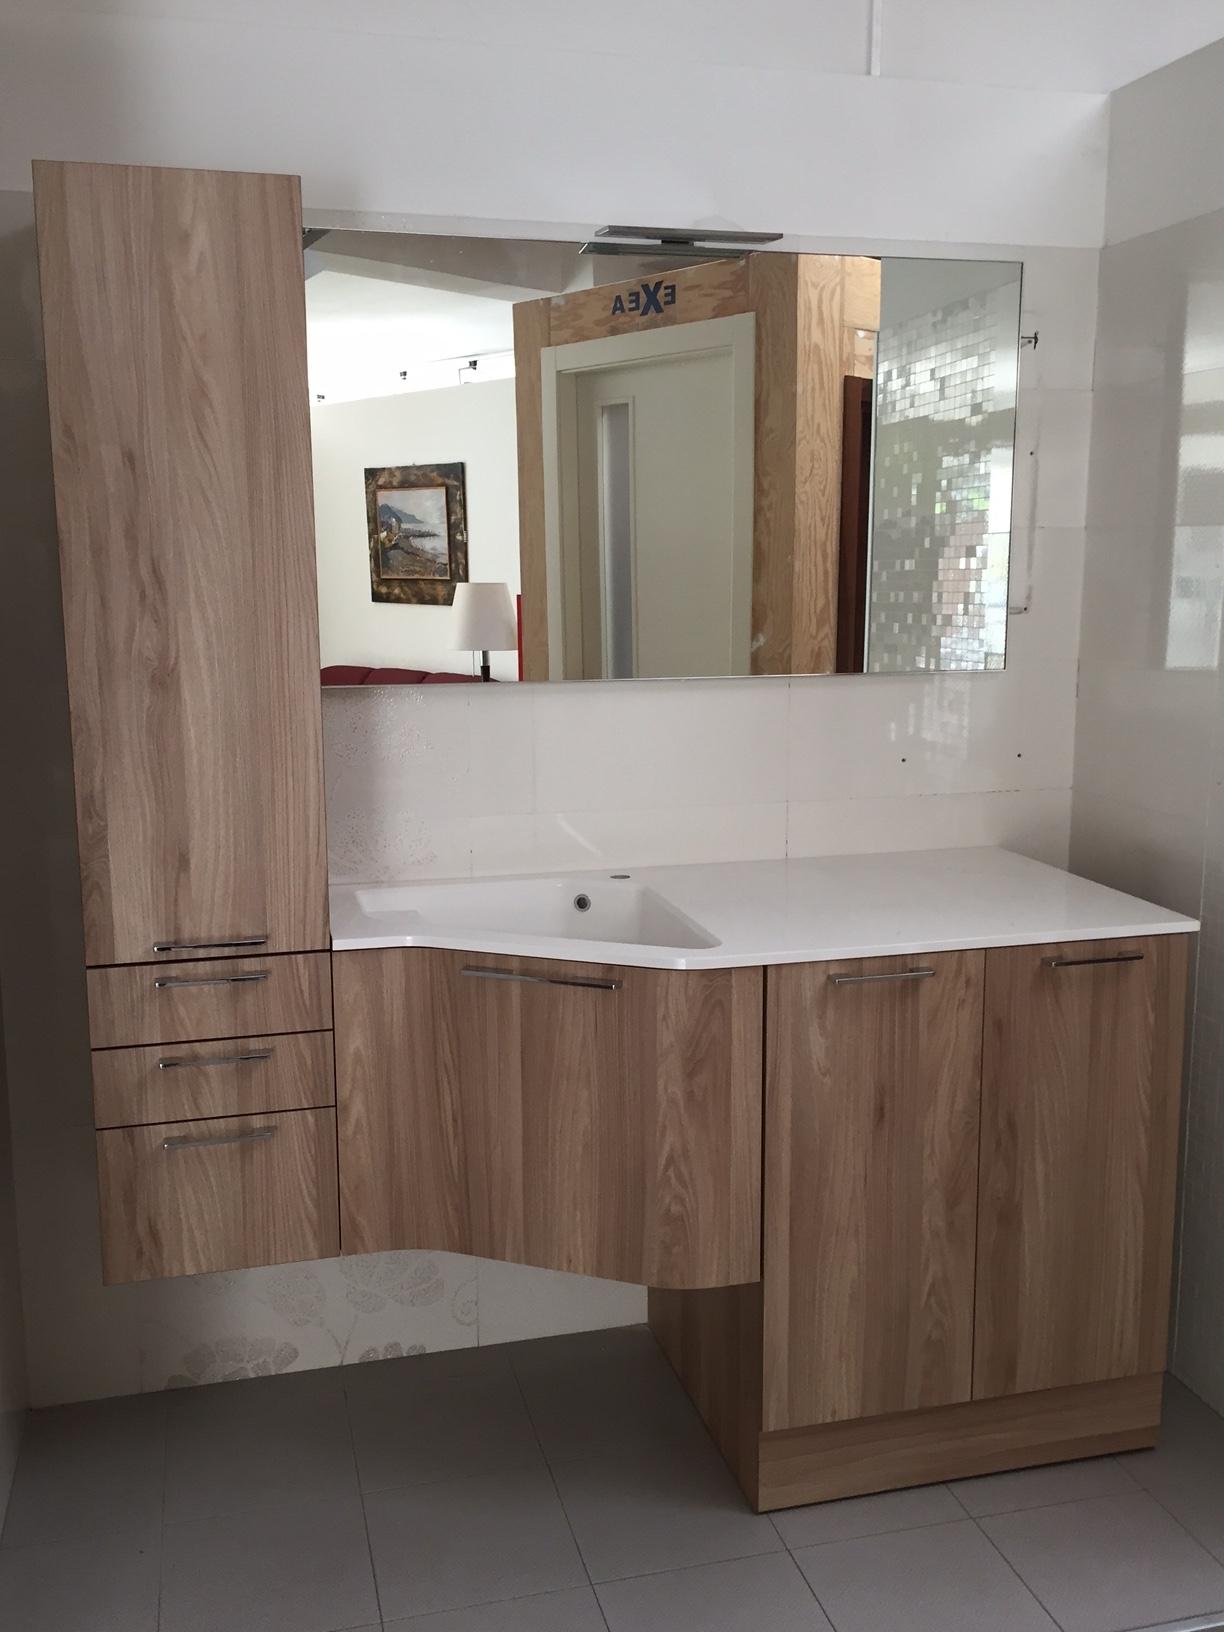 Mobile bagno lavanderia arbi a prezzi scontati arredo bagno a prezzi scontati - Mobile angolare moderno ...